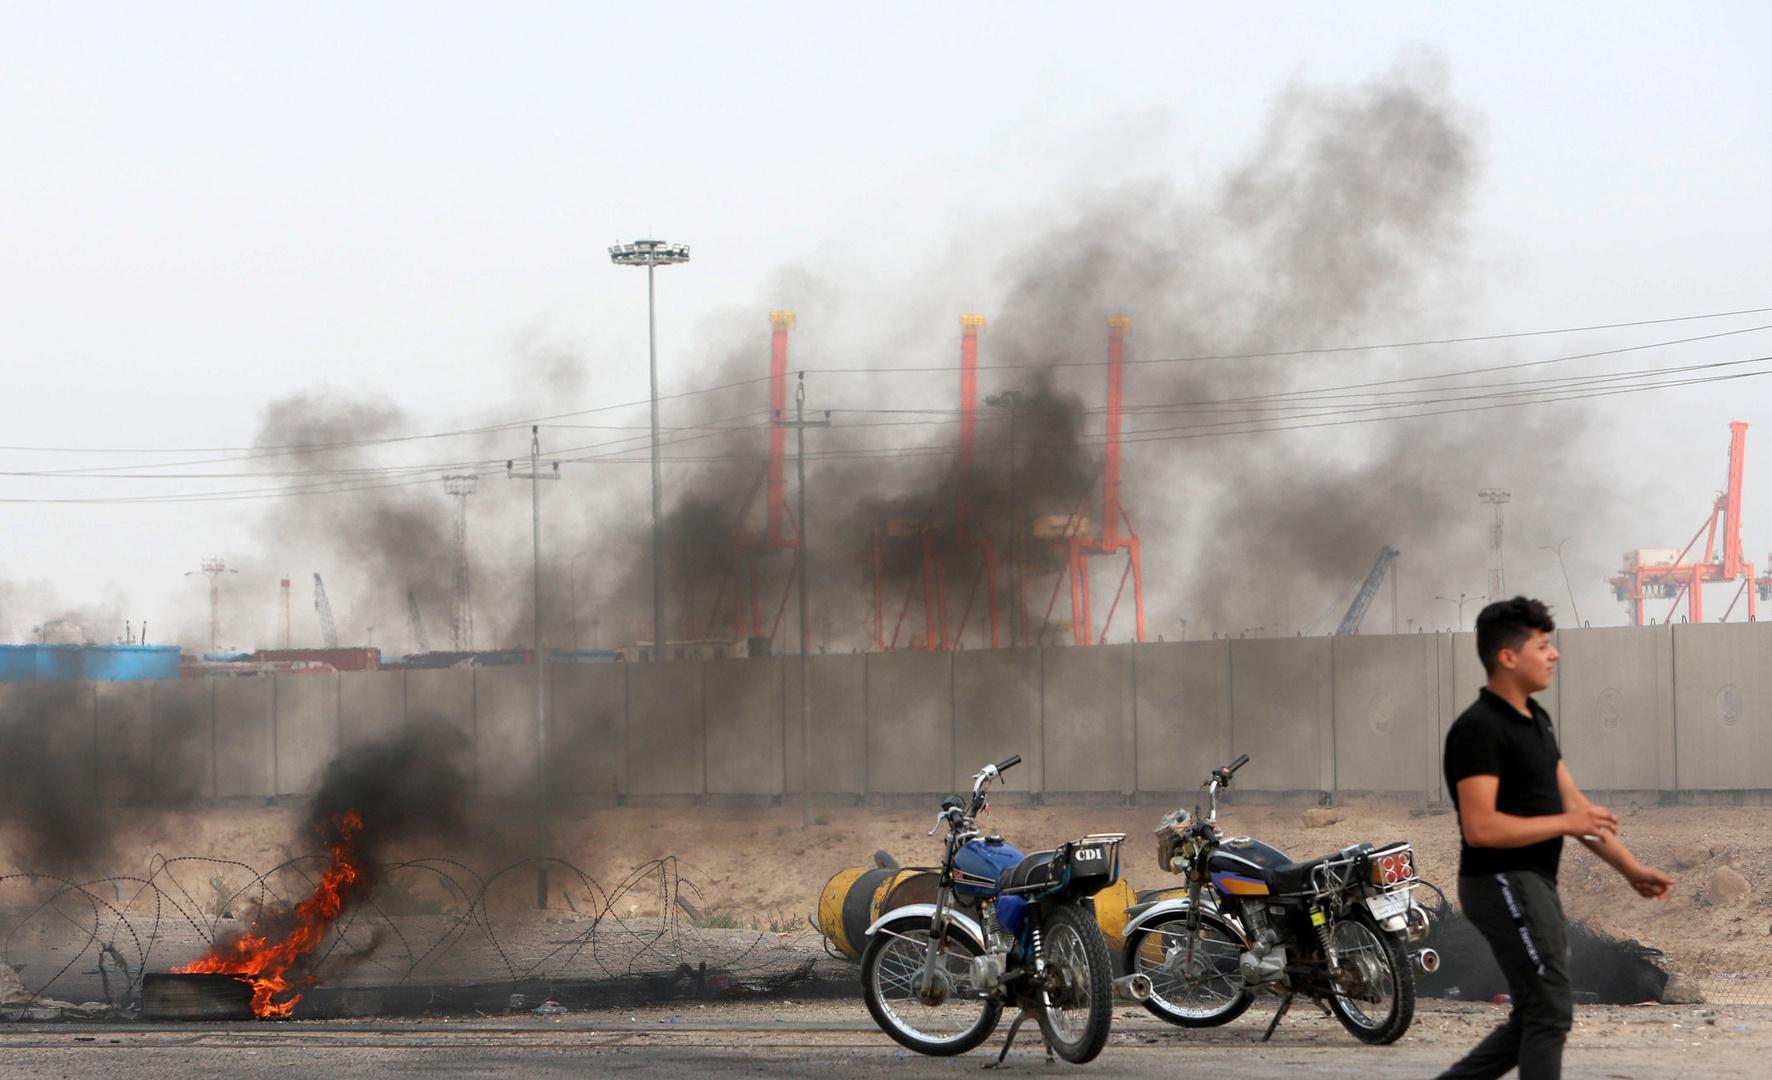 المحتجون يغلقون مدخل ميناء أم قصر مجددا في العراق